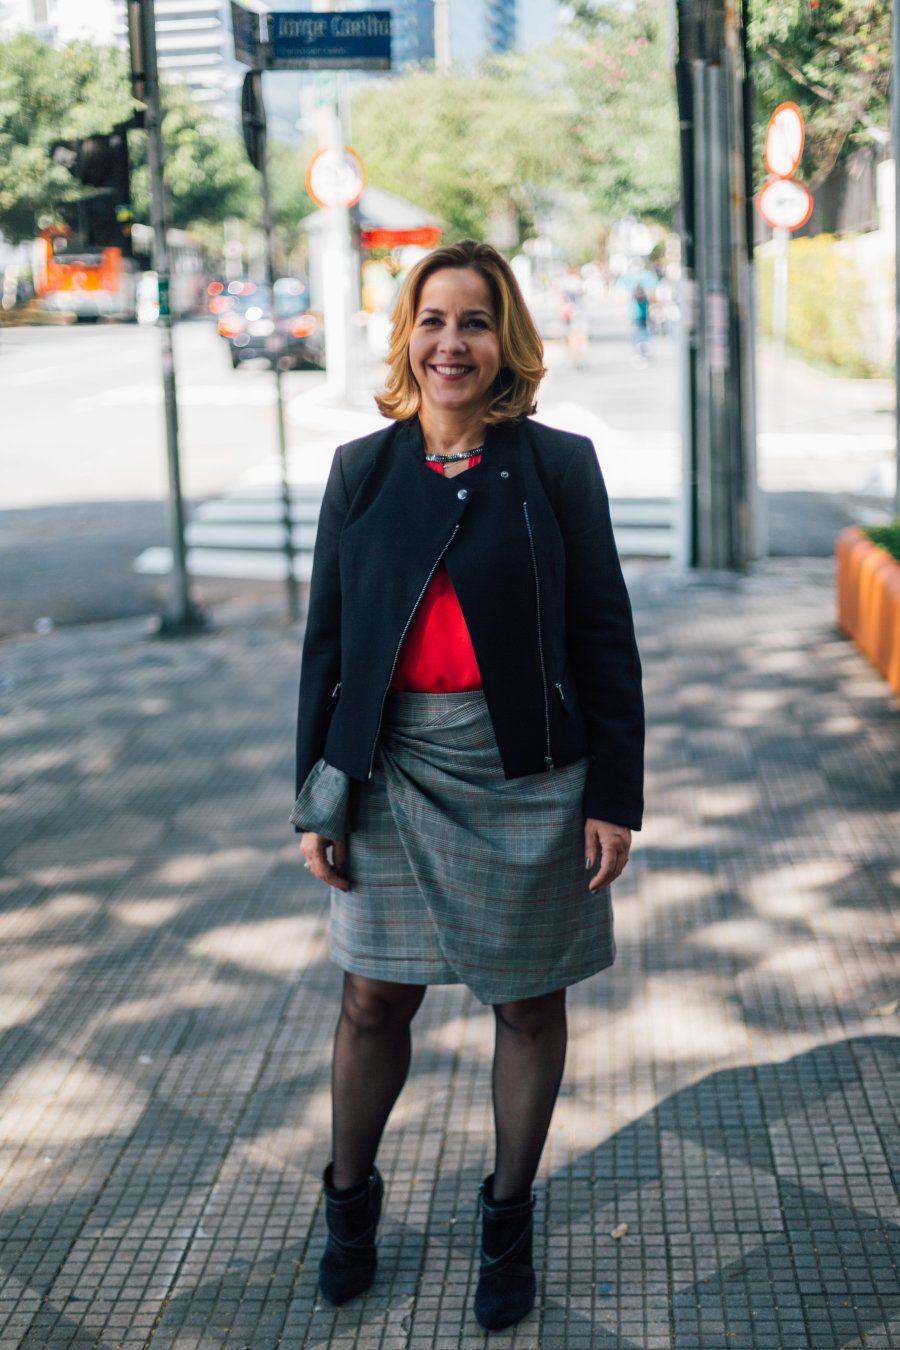 Já aos 38 anos, Simone assumiu pela primeira vez a gerência geral de uma empresa farmacêutica na